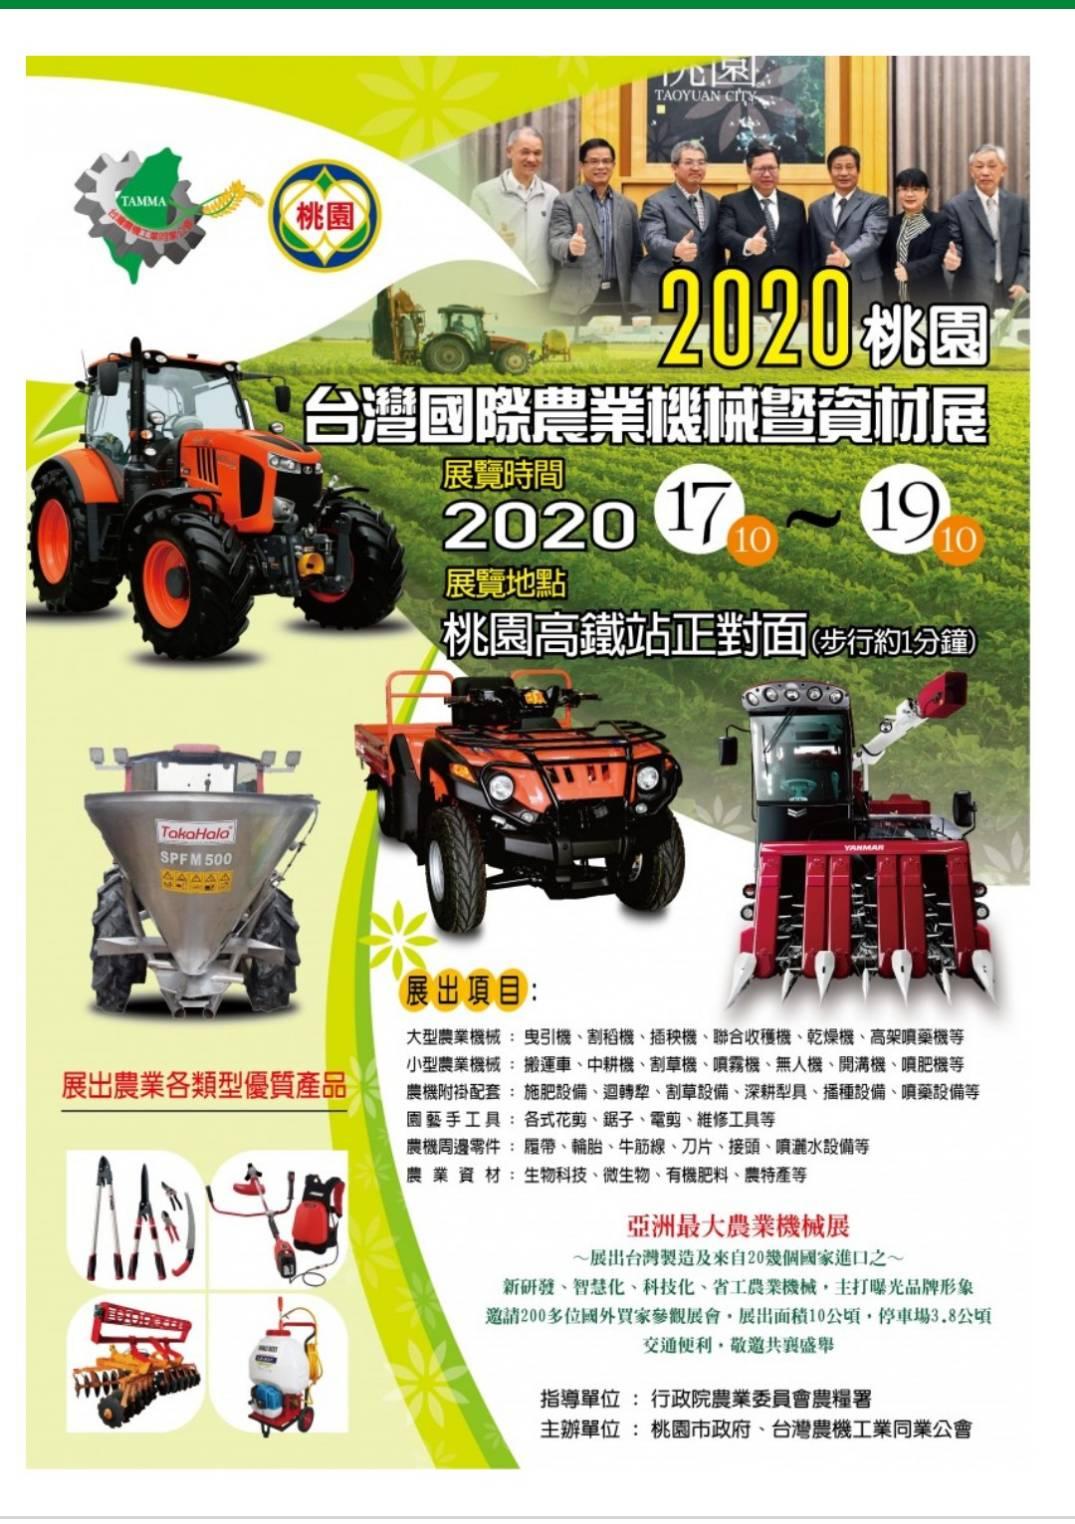 2020 桃園 台灣國際農業機械暨資材展